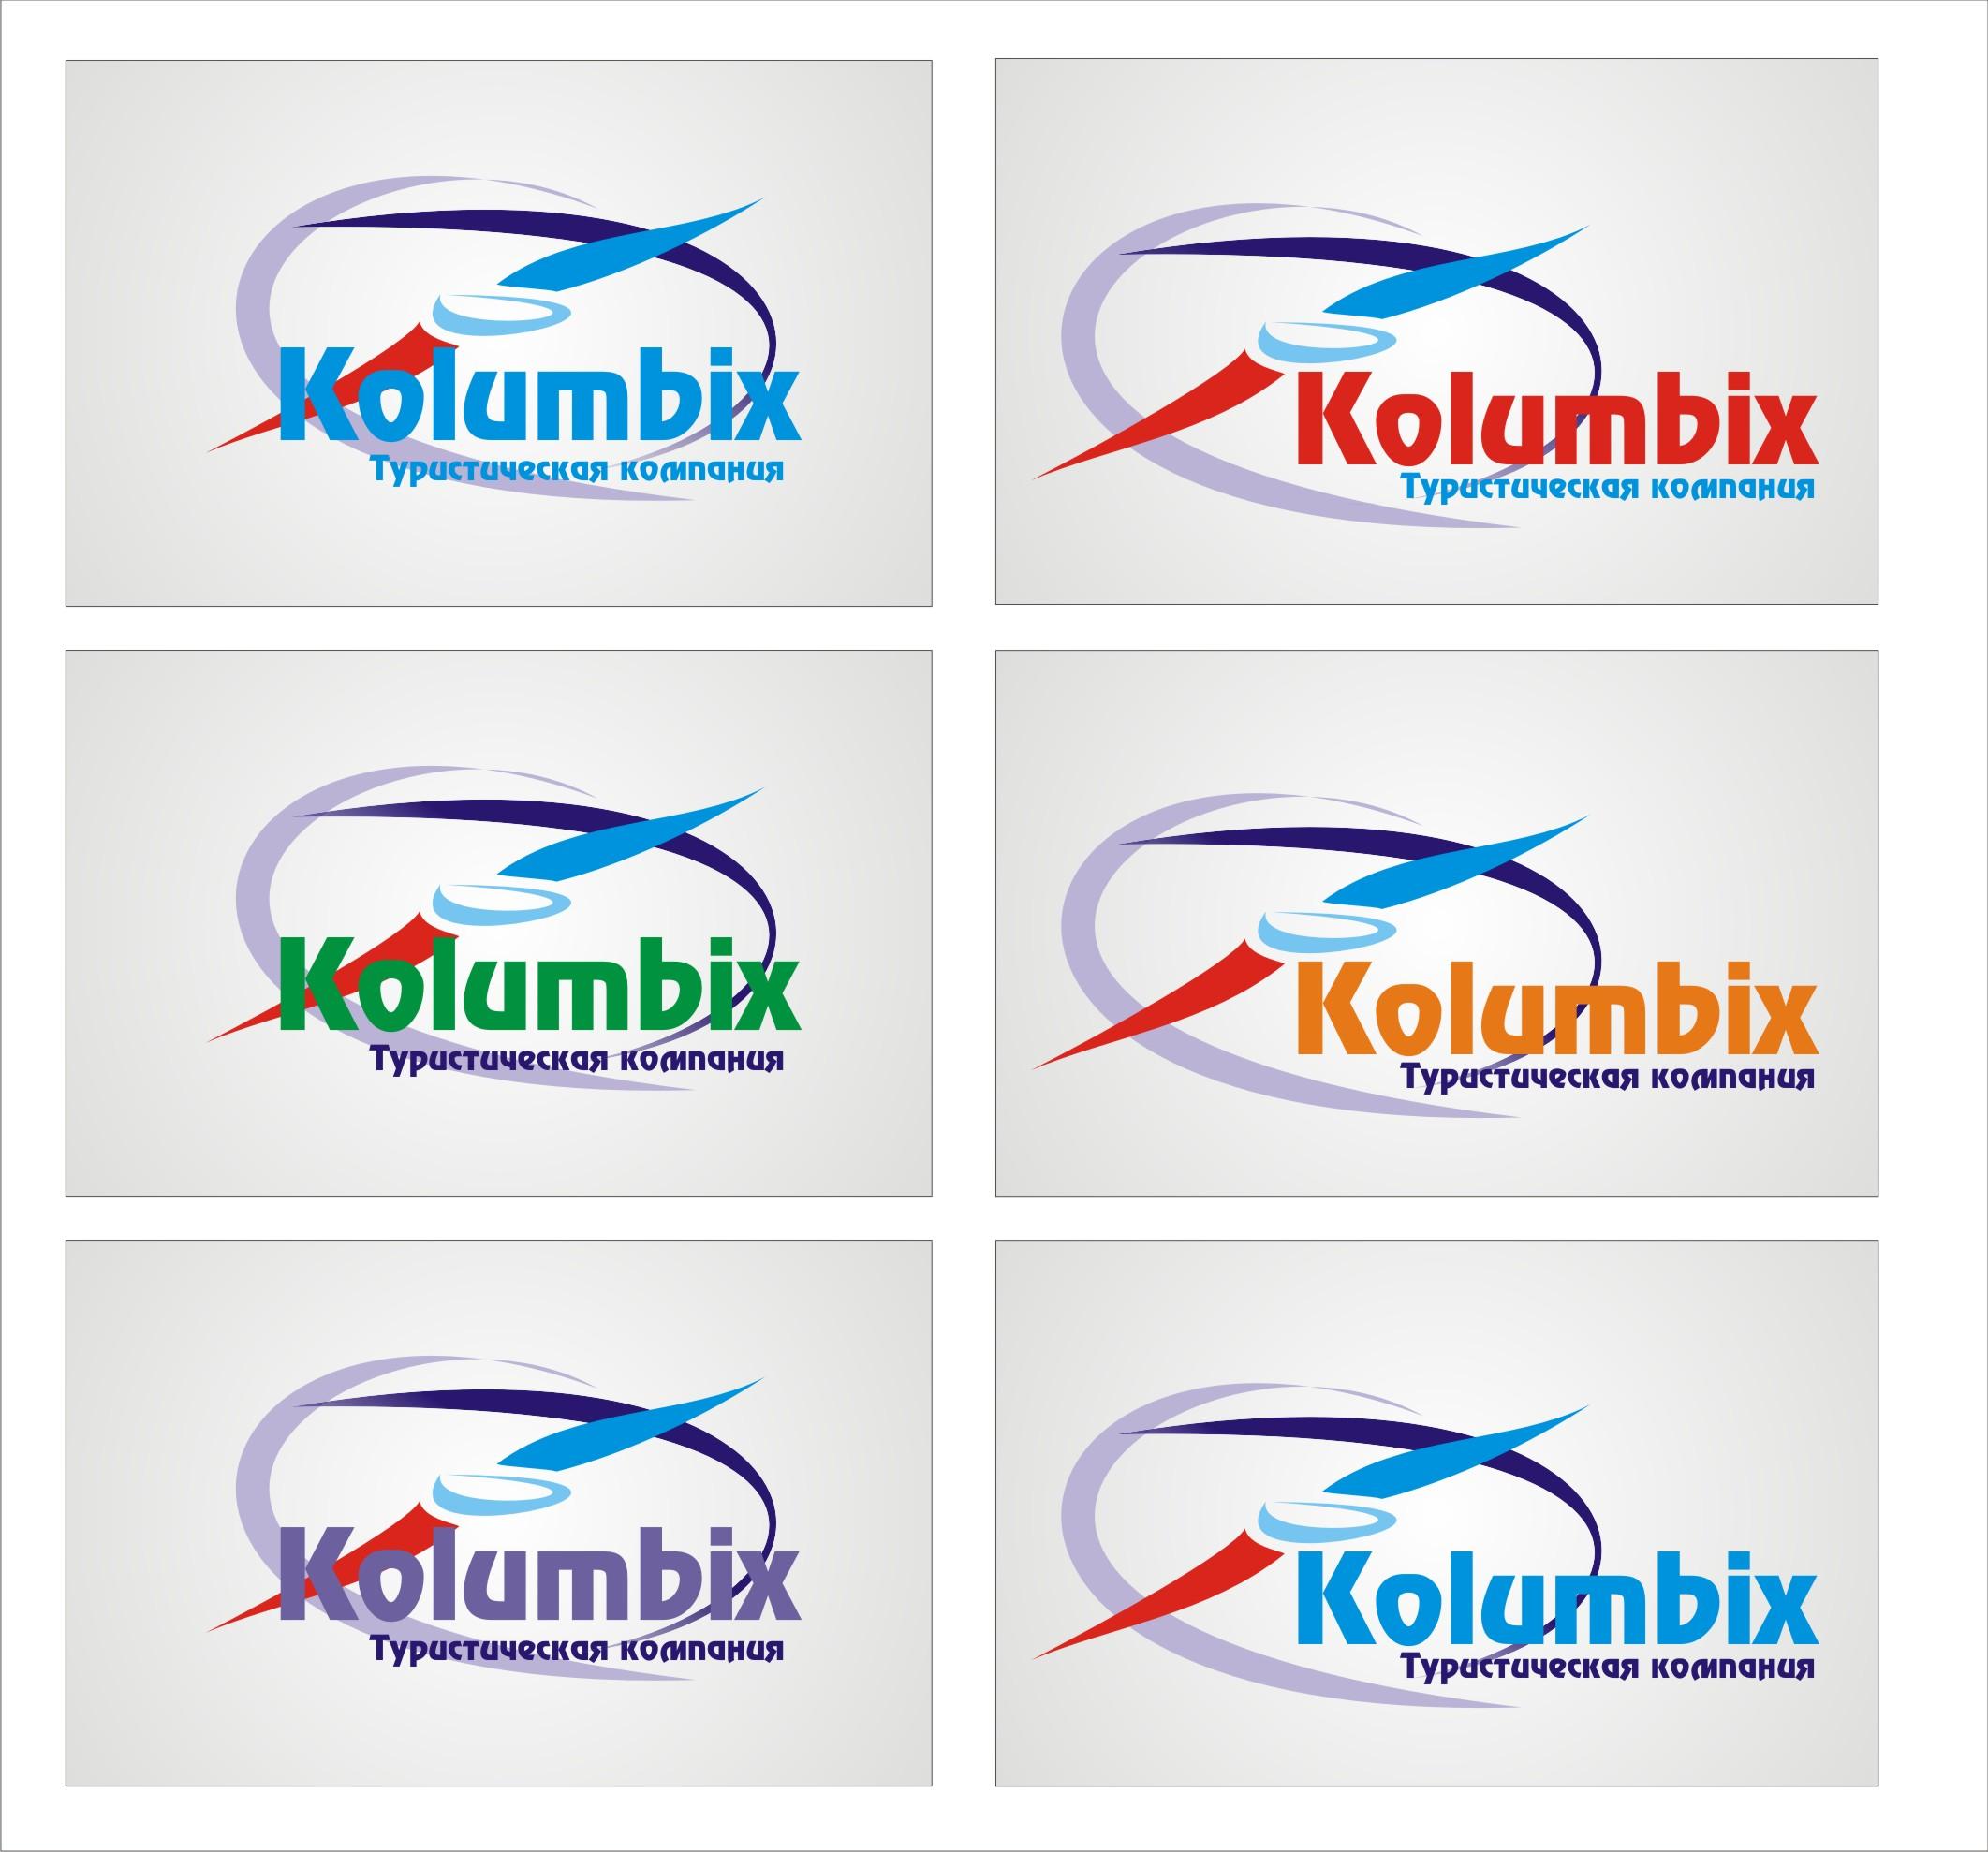 Создание логотипа для туристической фирмы Kolumbix фото f_4fb245c2c60ed.jpg